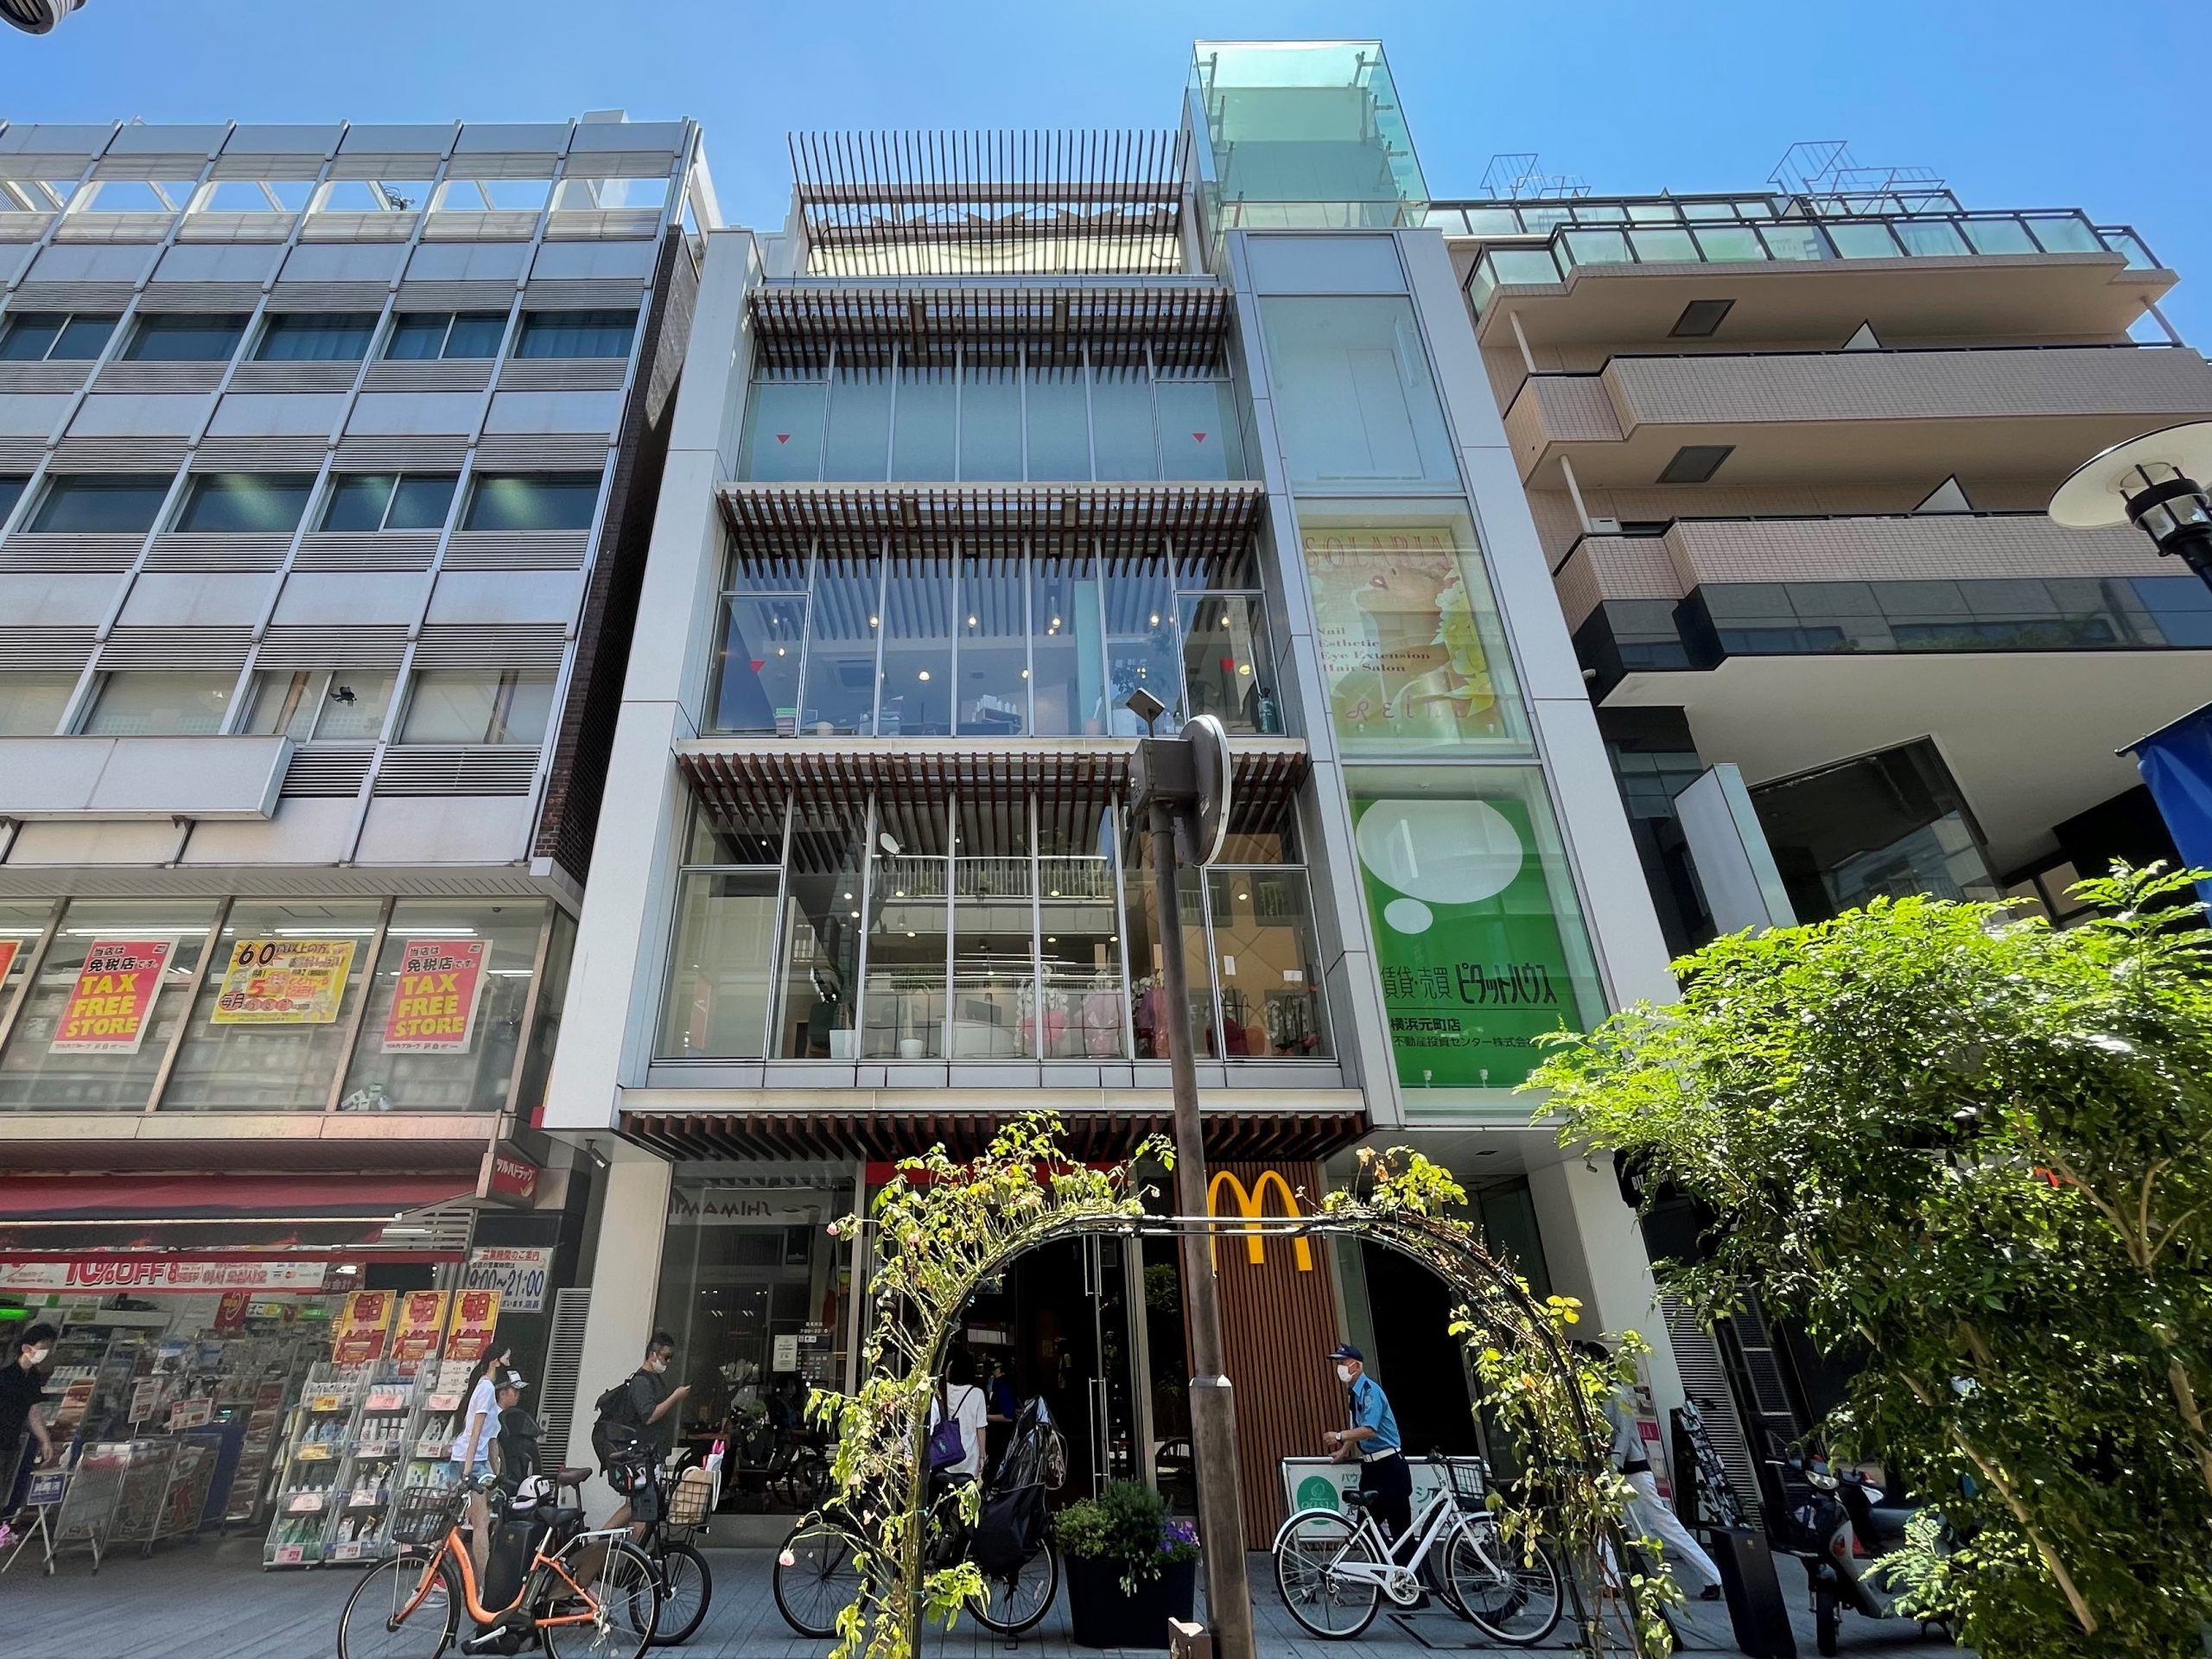 ピタットハウス横浜元町店 不動産投資センター株式会社